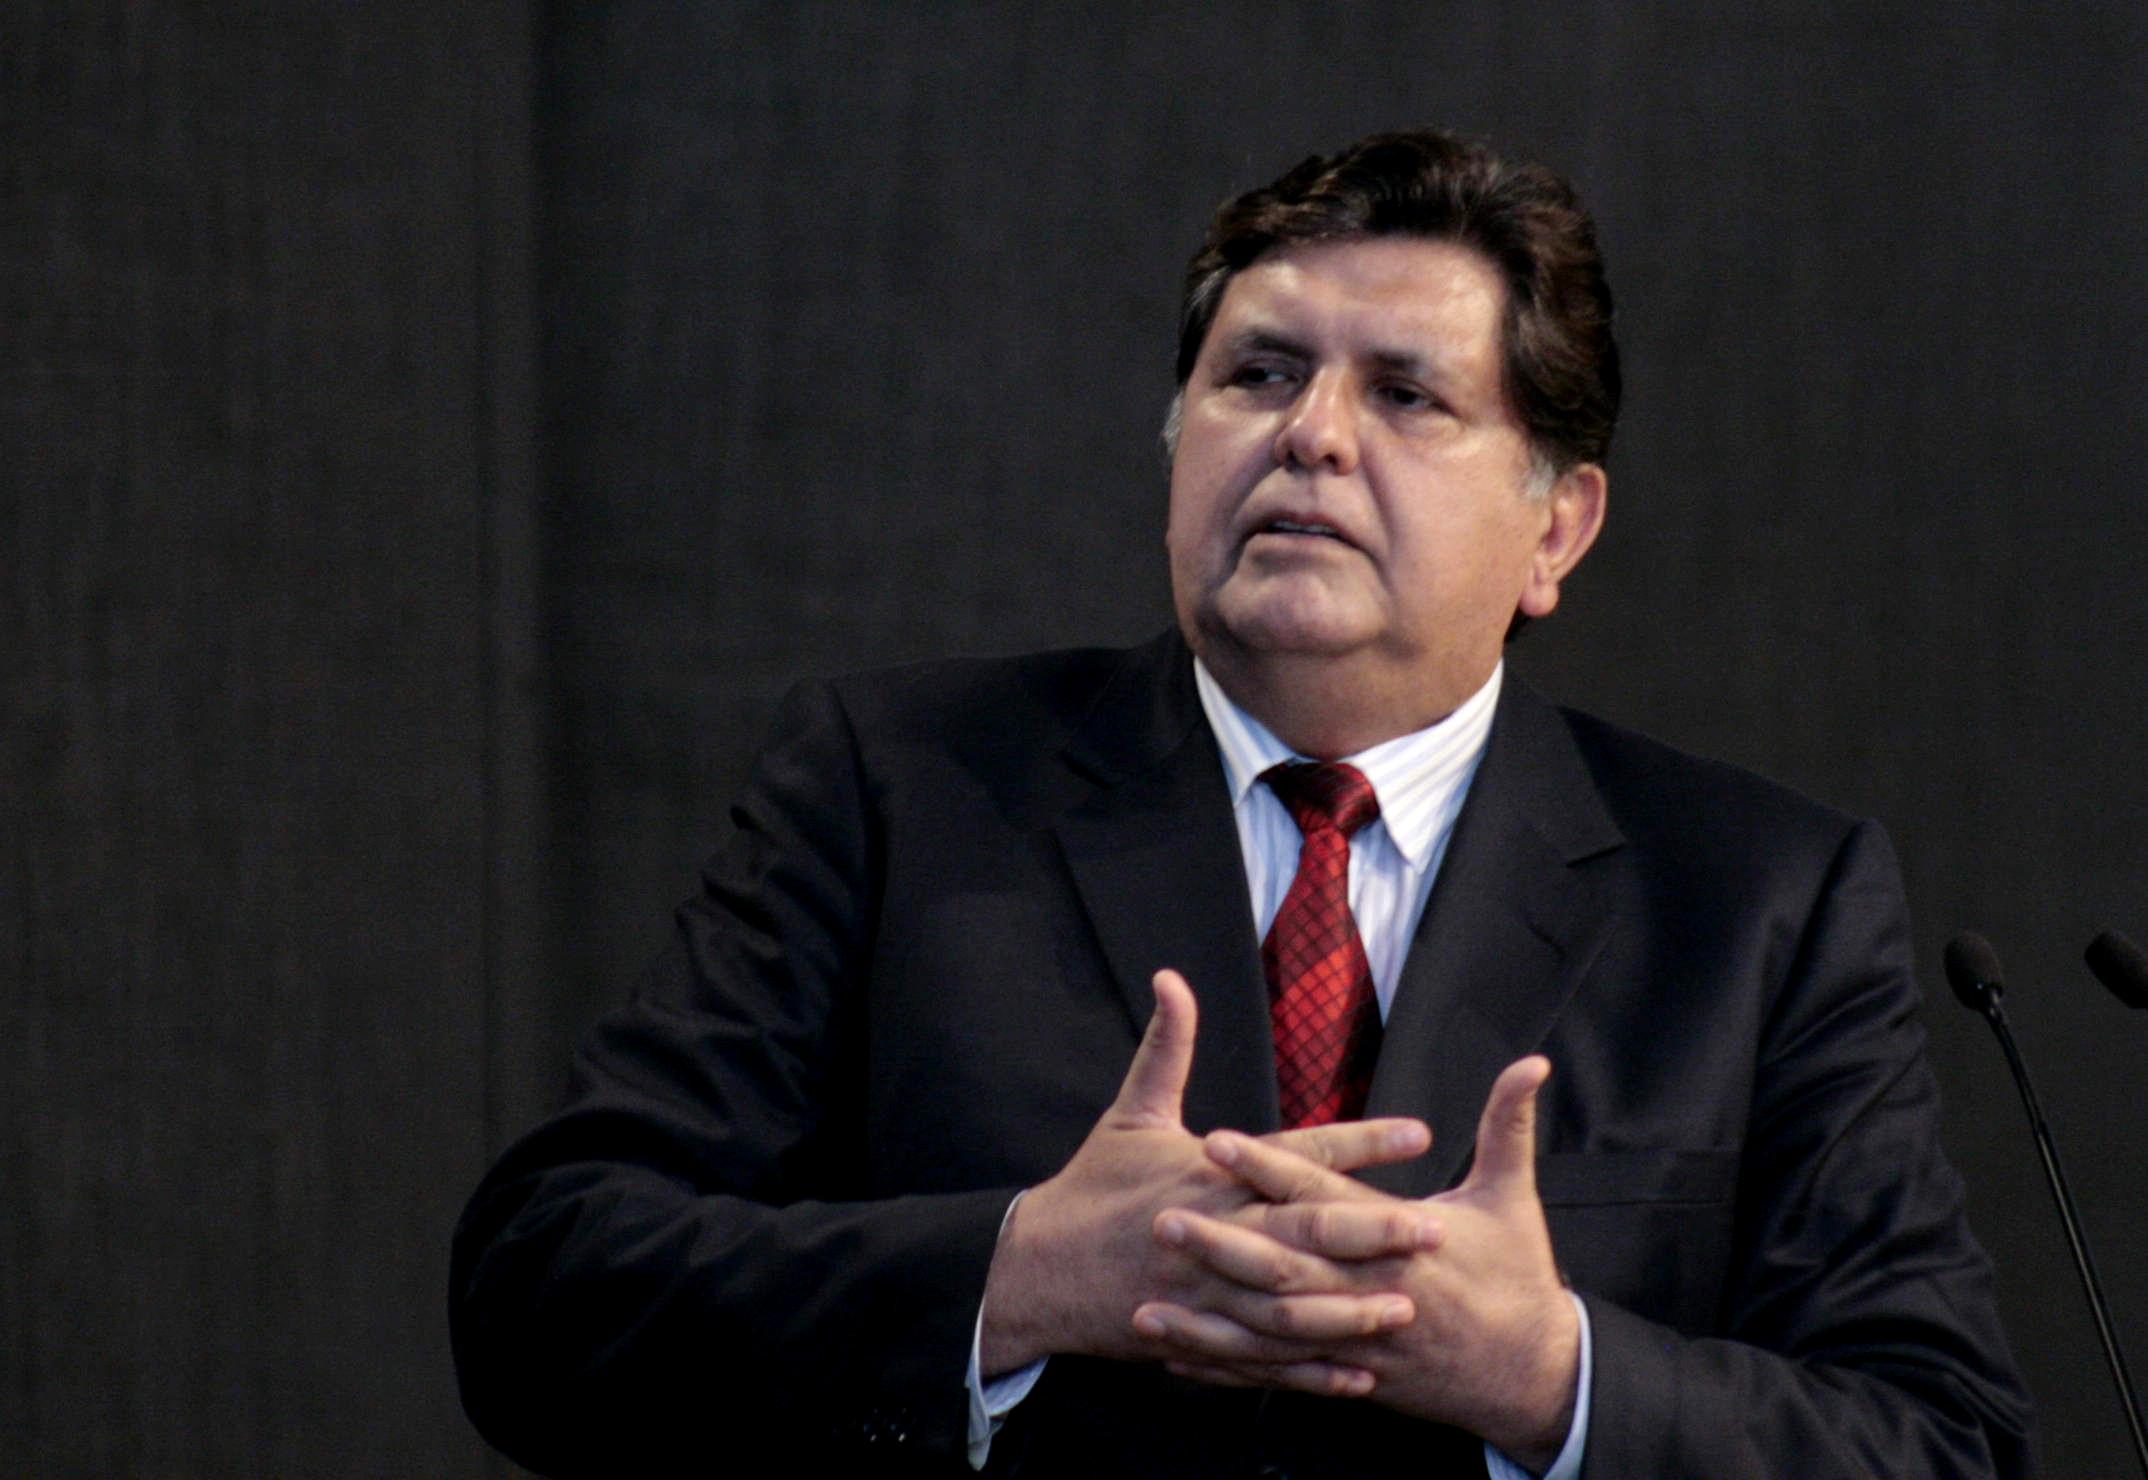 Alan garcia presidente se burla de los apus y como candidato los admira - 2 9